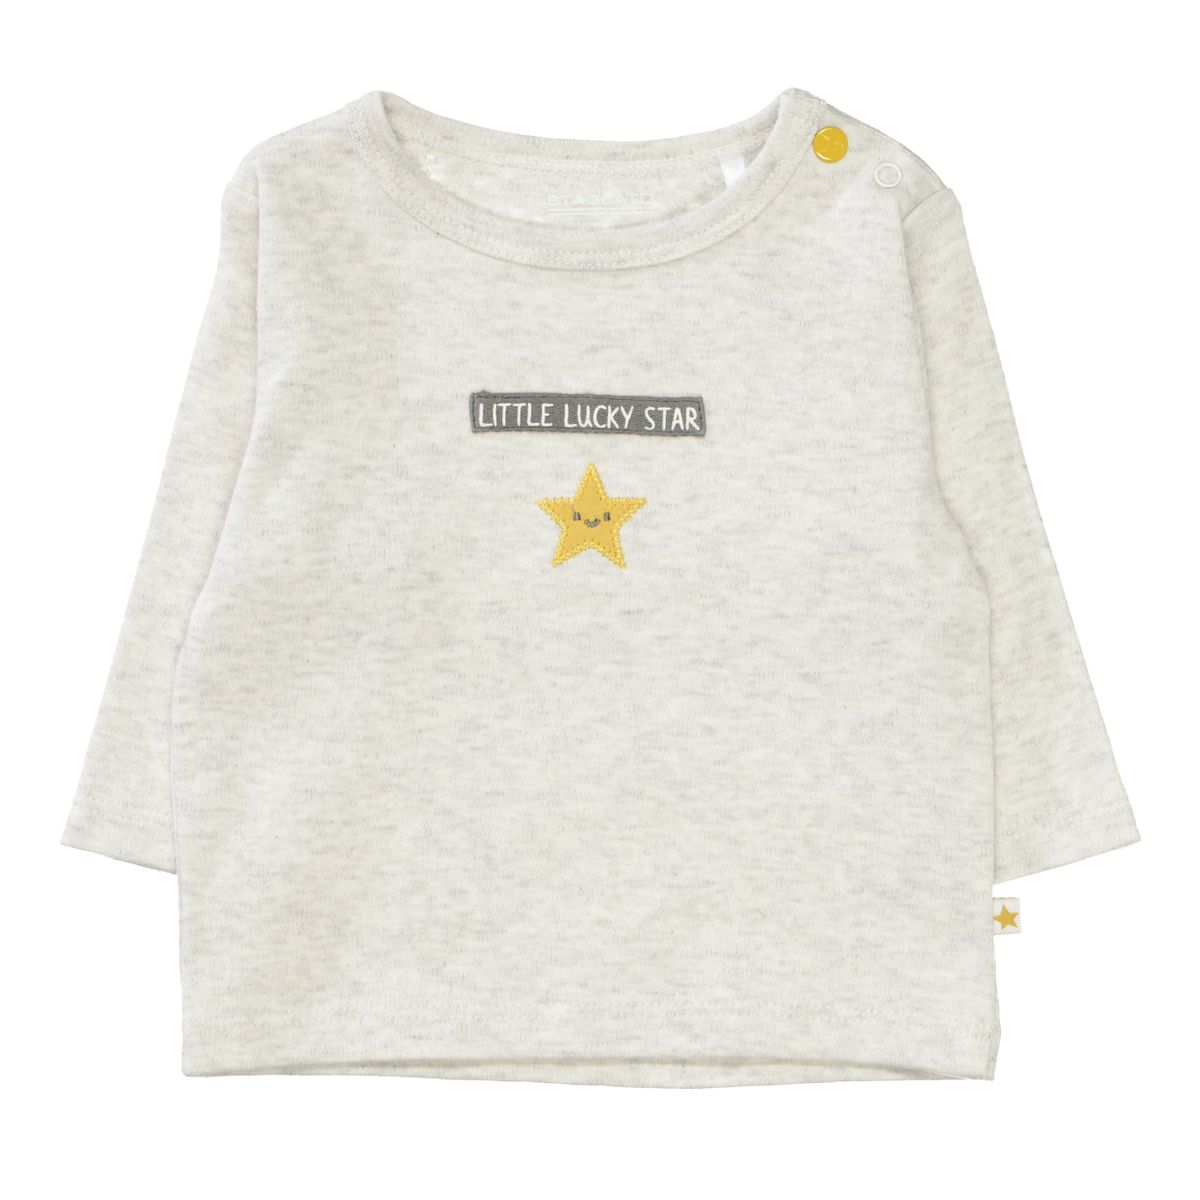 ORGANIC COTTON Langarmshirt mit Wording - Soft White Melange